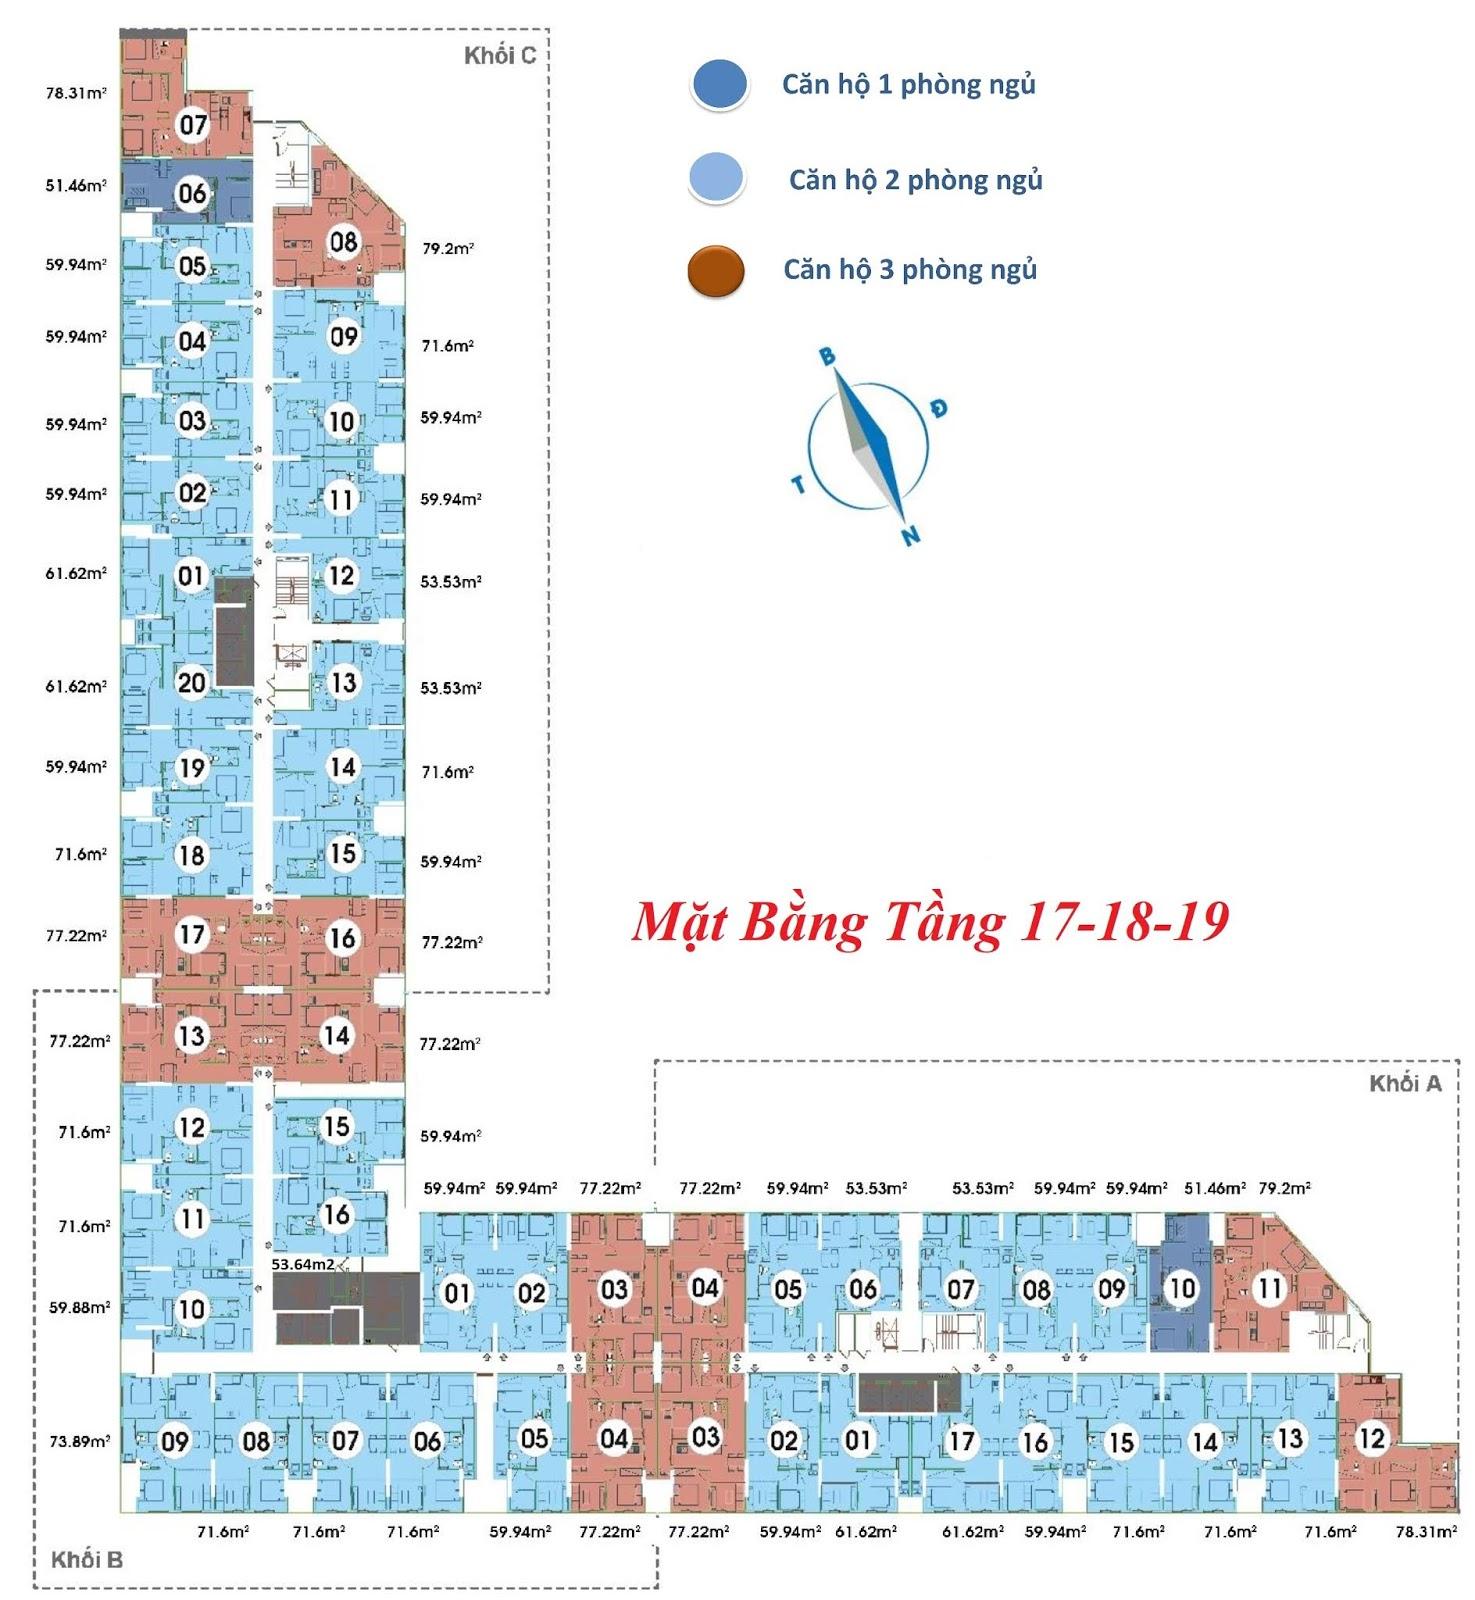 mat-bang-tang-17-18-19-marina-riverside